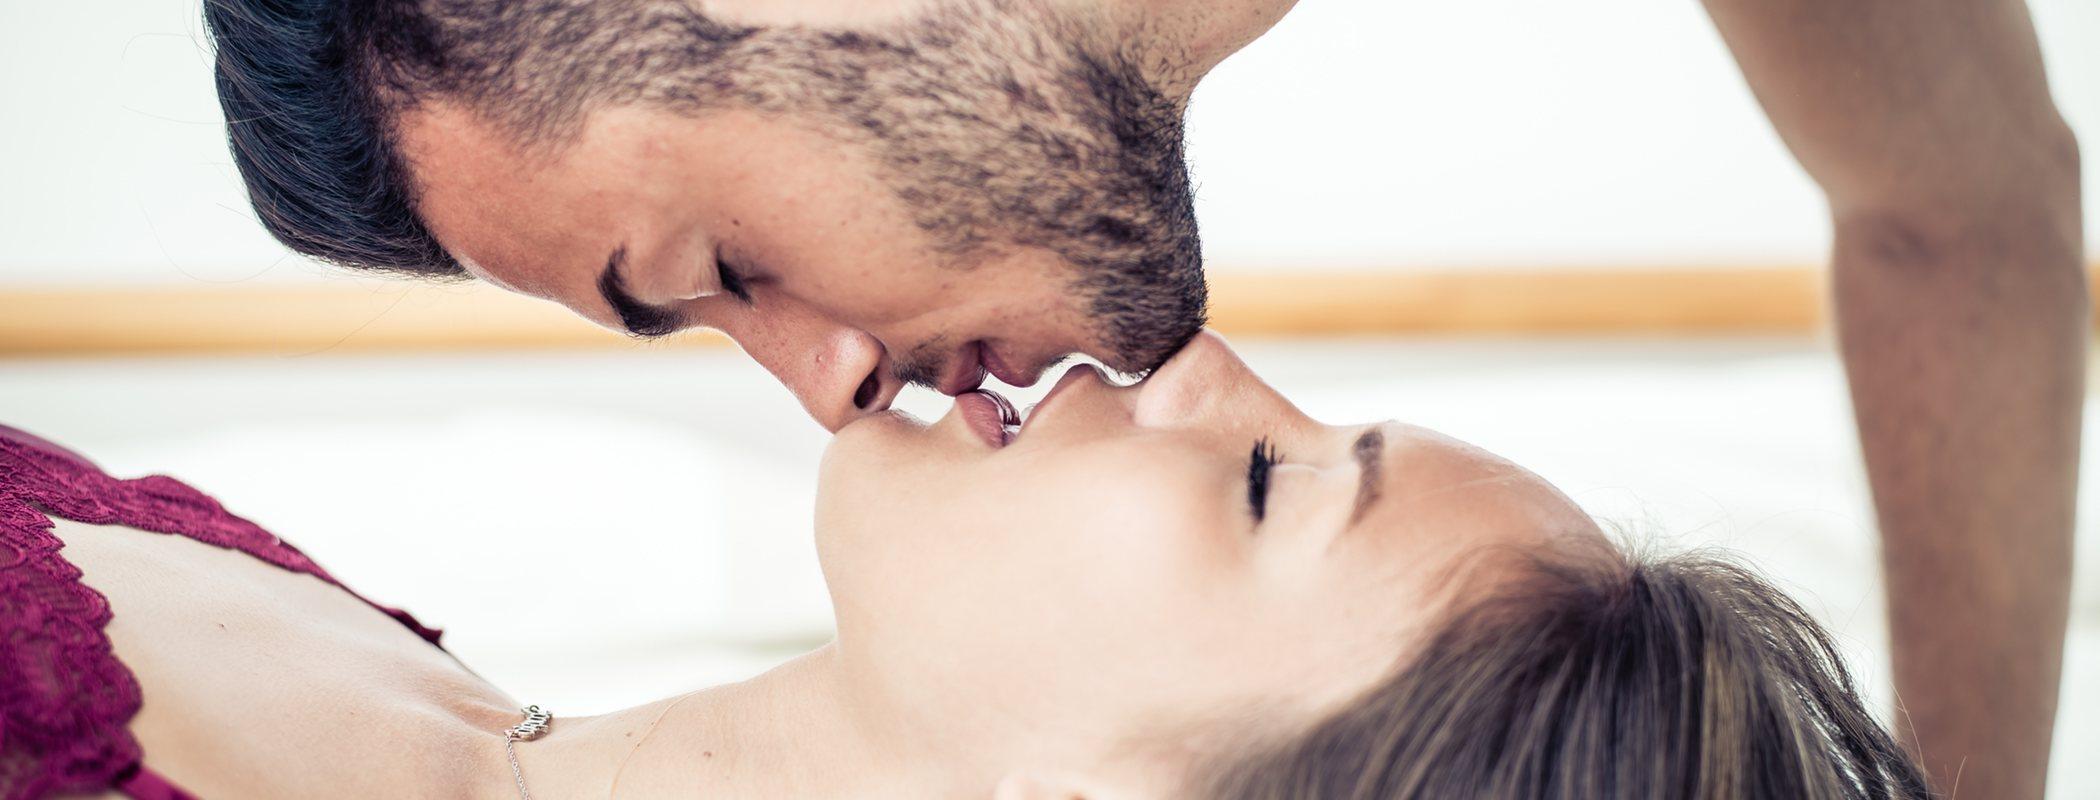 El beso, tu gran aliado en las relaciones sexuales